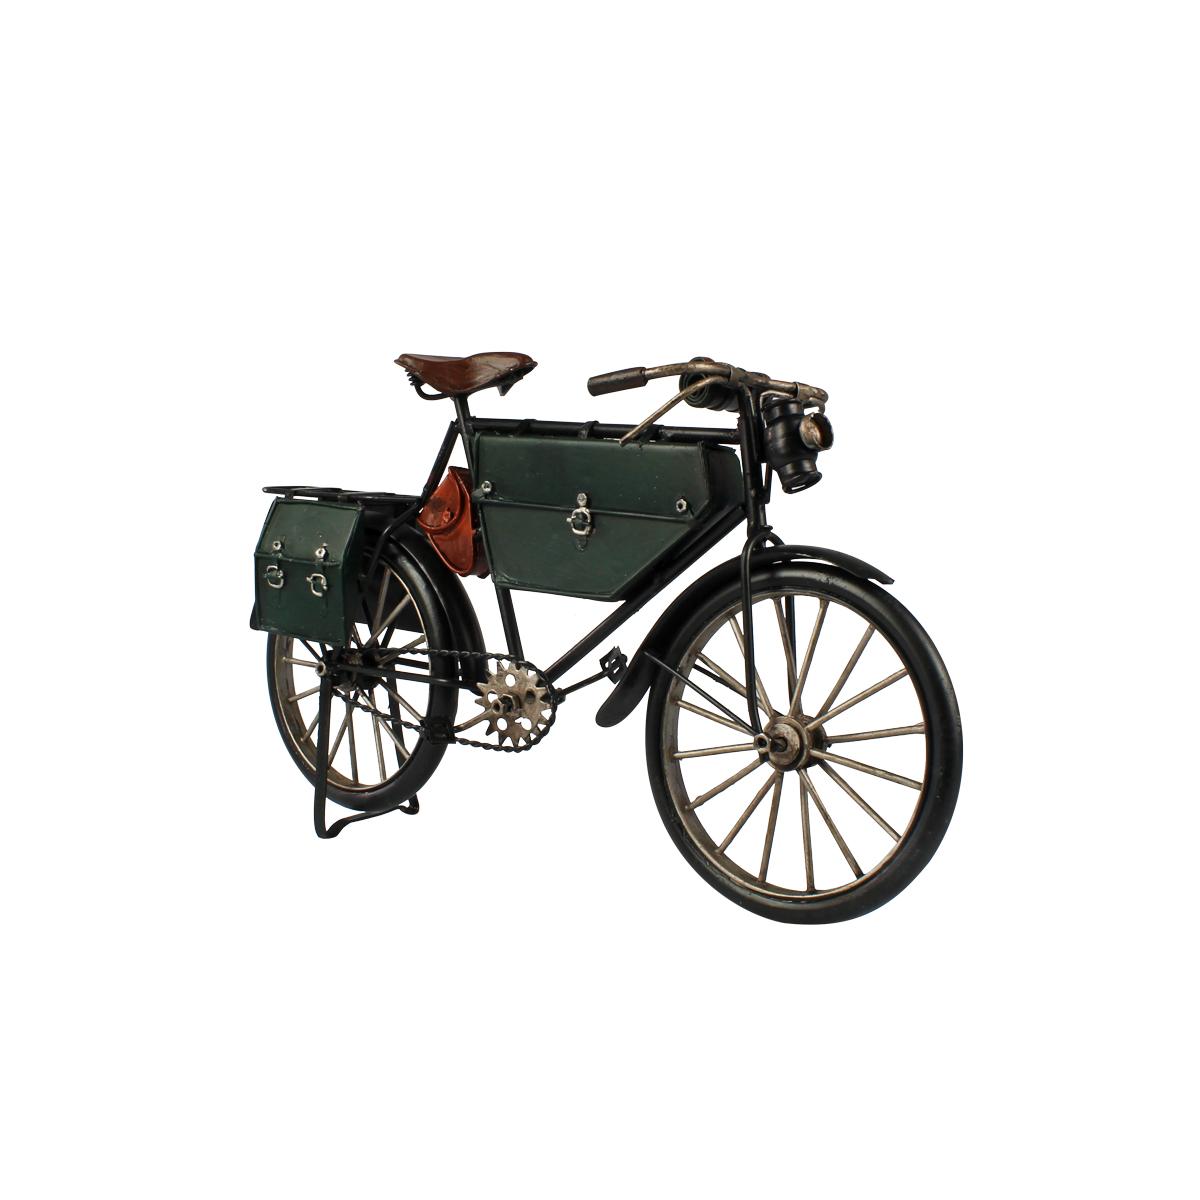 Miniatura De Metal Retrô Bicicleta Verde E Preta Verito